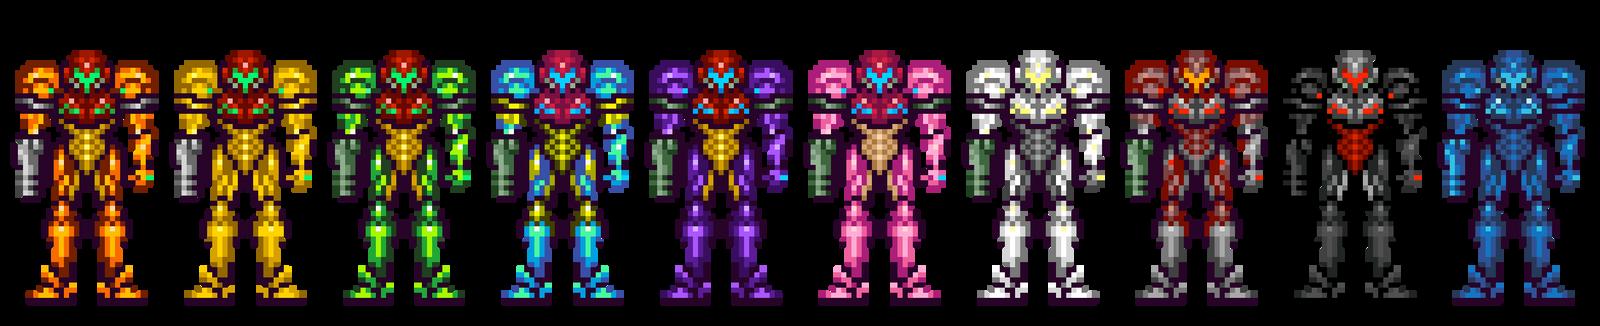 Samus Fusion Suit Sprites Samus Aran - Power Sui...